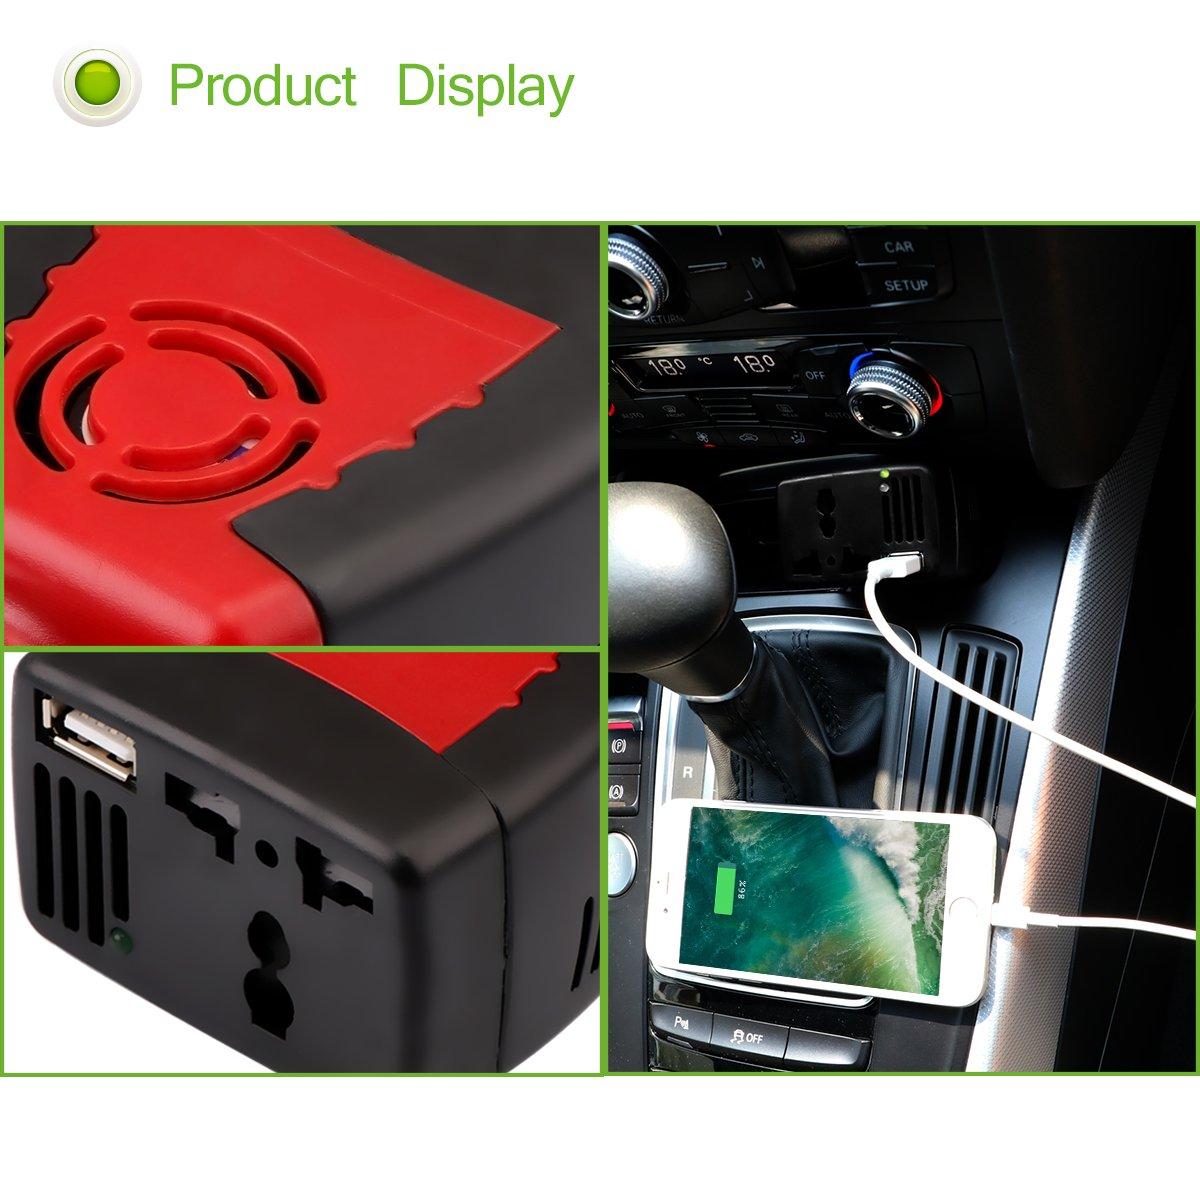 DEBEME 150W onduleur de Voiture Convertisseur DC 12V 220V AC sinusodale modifie Power Wave avec USB 5V Sortie